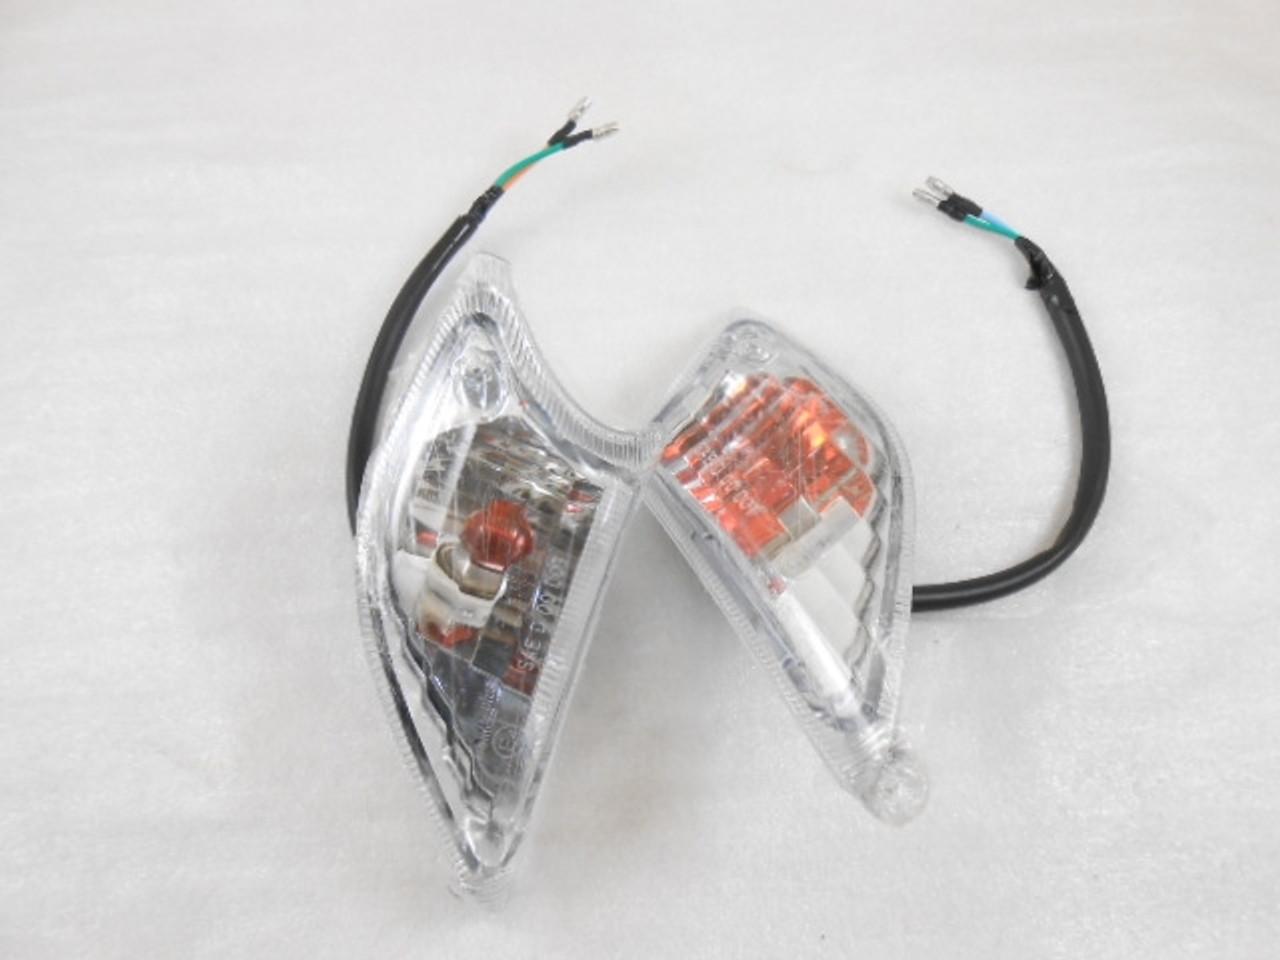 SIGNAL LIGHT FRONT SET 11424-A80-2